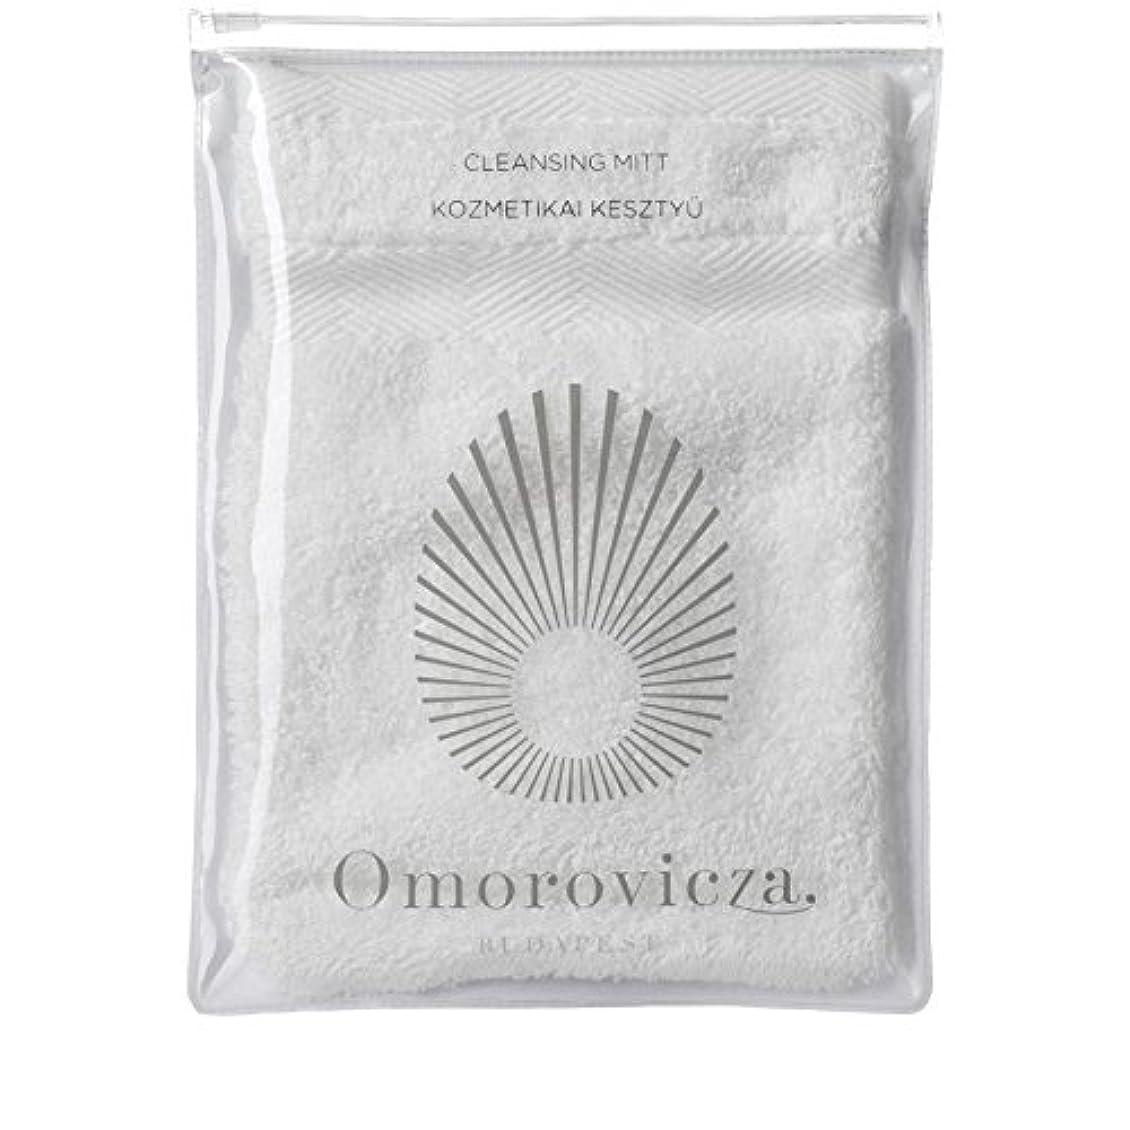 反抗逆に何故なのOmorovicza Cleansing Facial Mitt, Omorovicza - クレンジング顔のミット、 [並行輸入品]